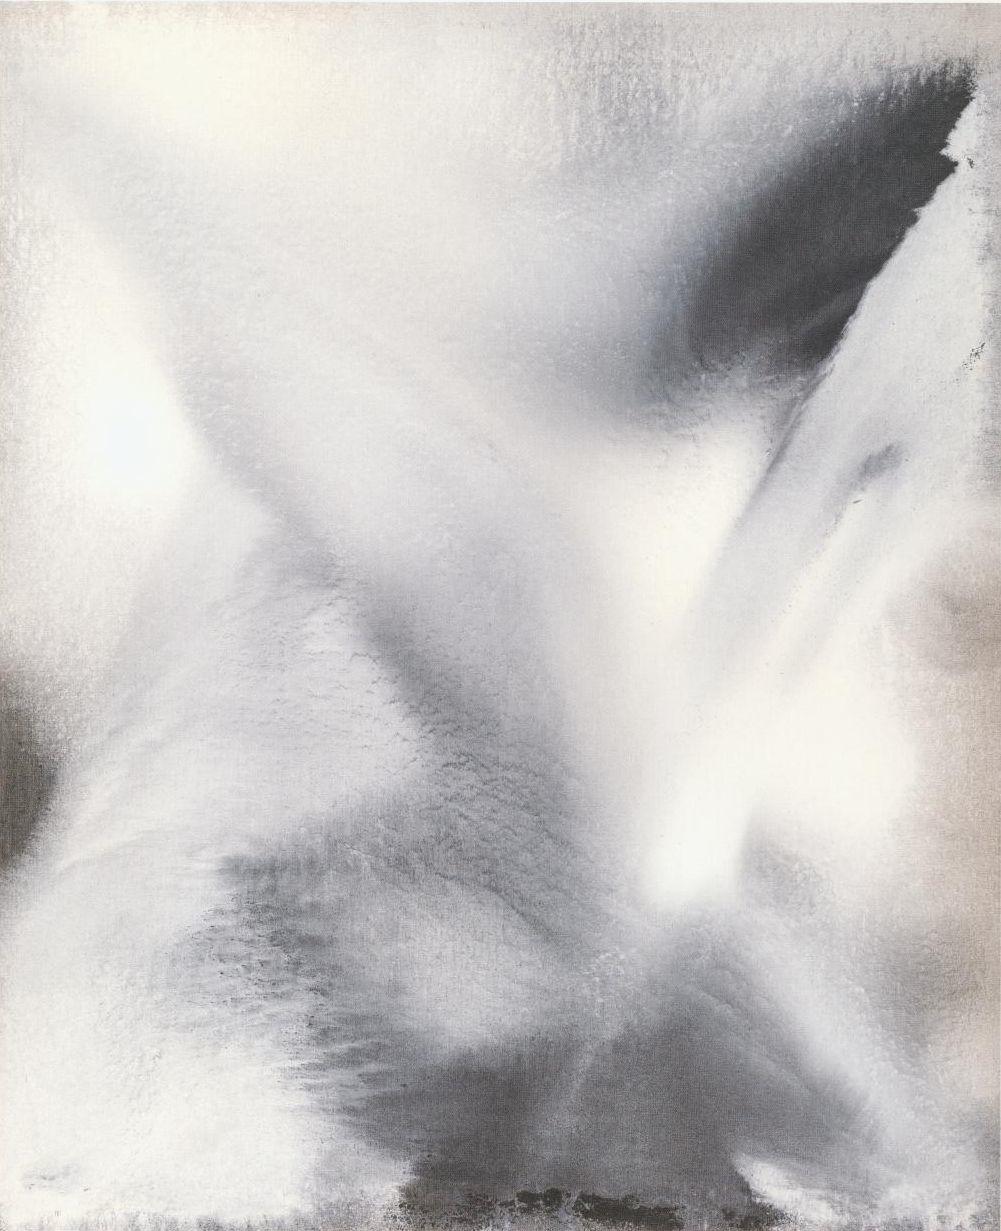 """senza titolo, dalla serie """"L'immagine accolta"""",2009, olio su tela, cm 110 x 90  untitled, from the series """"L'immagine accolta"""", 2009, oil on canvas, cm 110 x 90"""